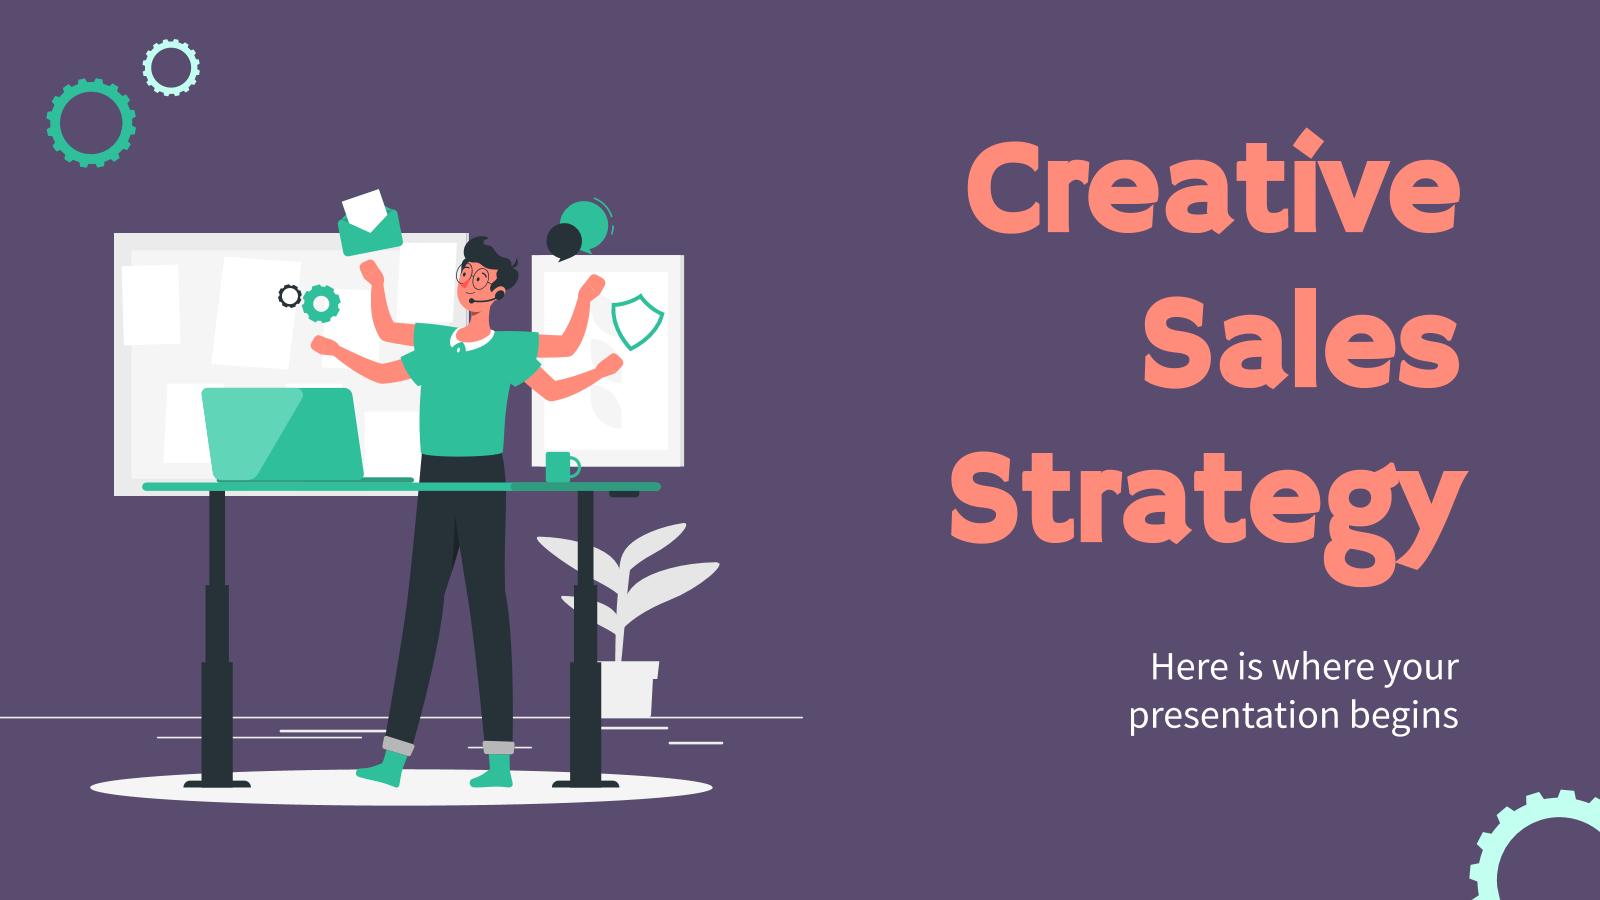 Modelo de apresentação Estratégia de vendas criativa